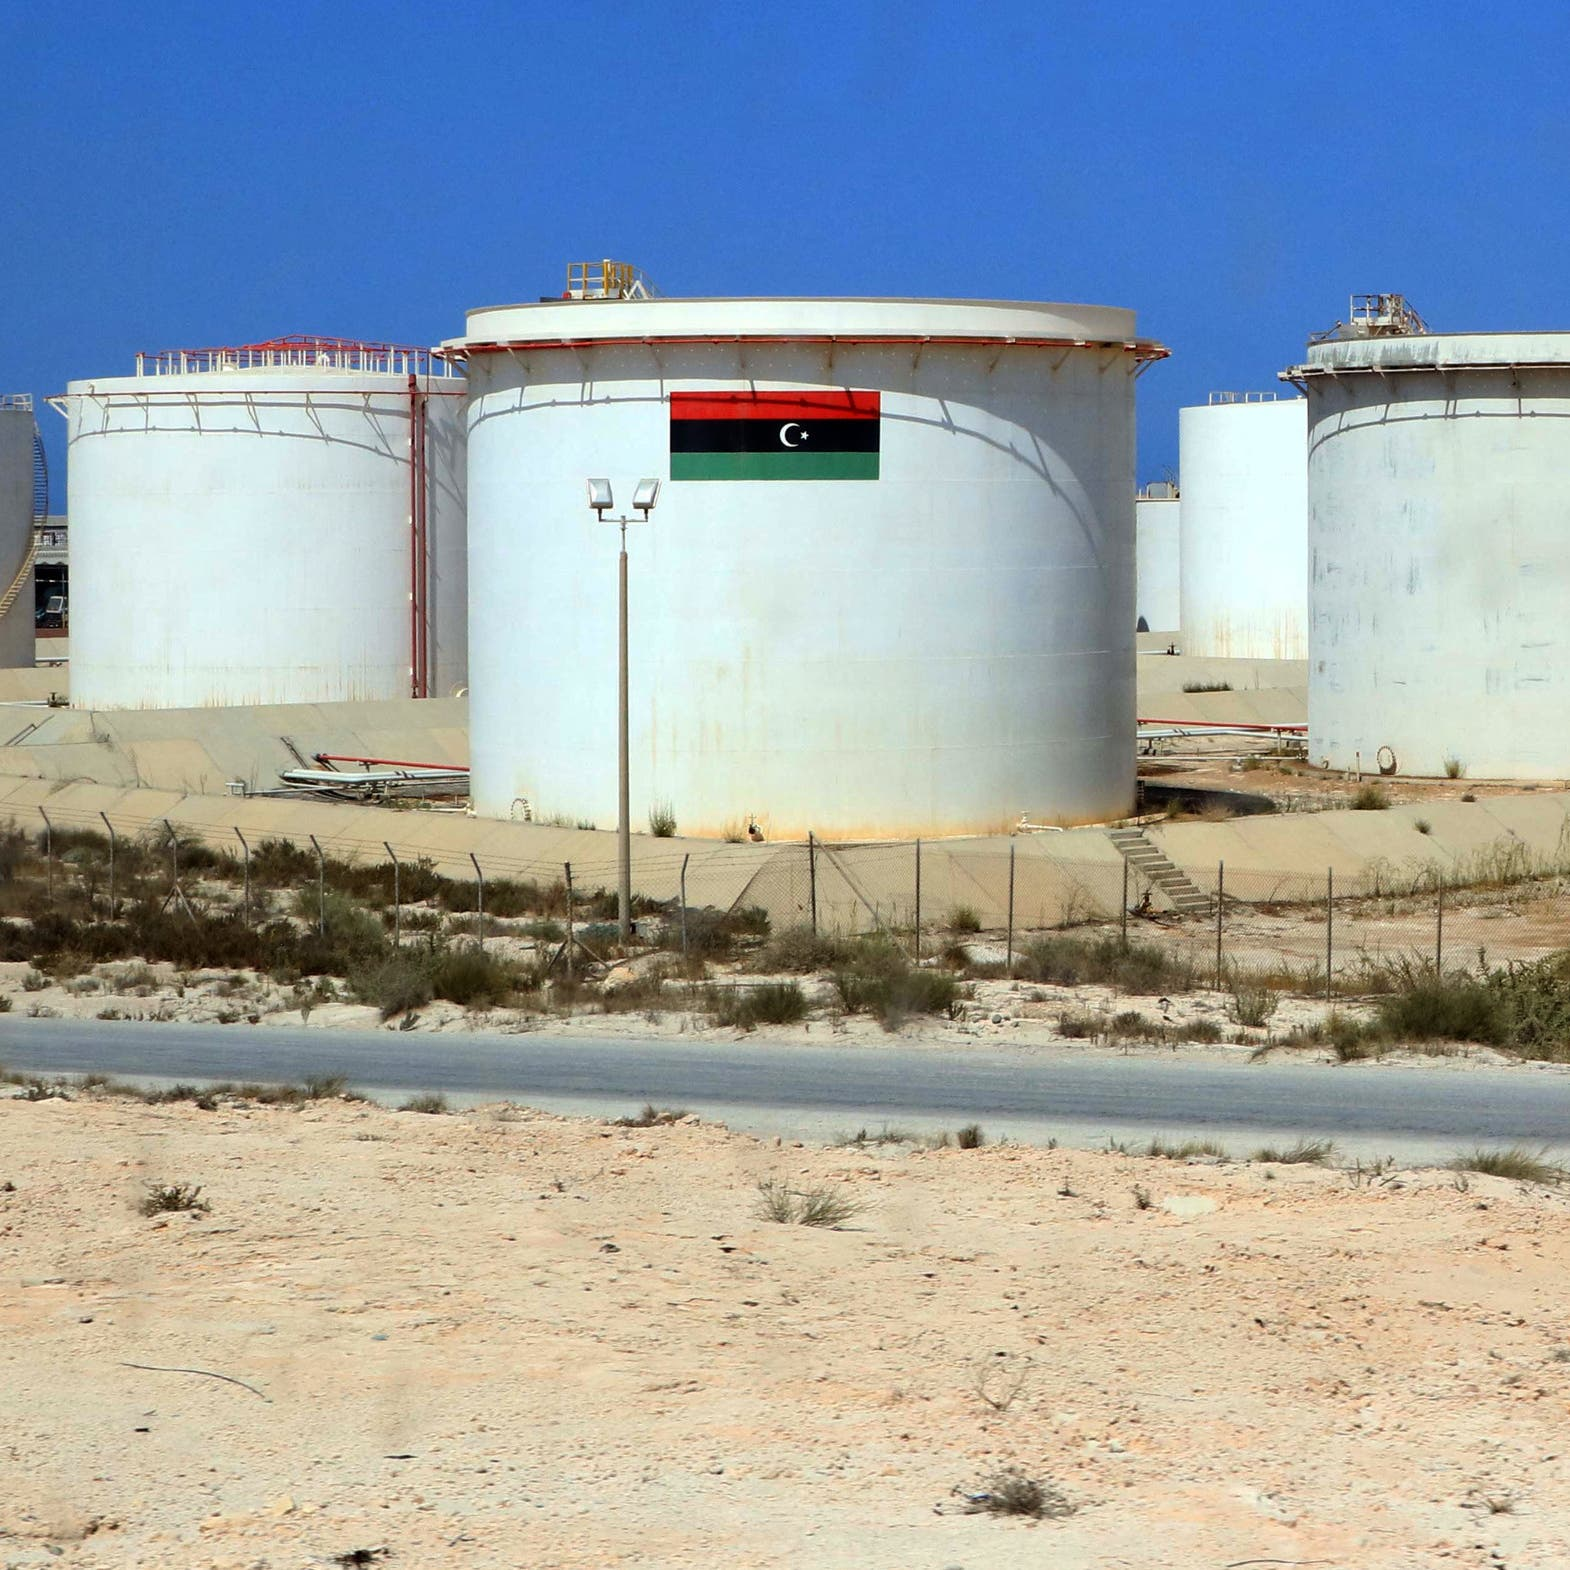 غضب في جنوب ليبيا.. مافيا تهريب تنشط بحماية مسؤولين